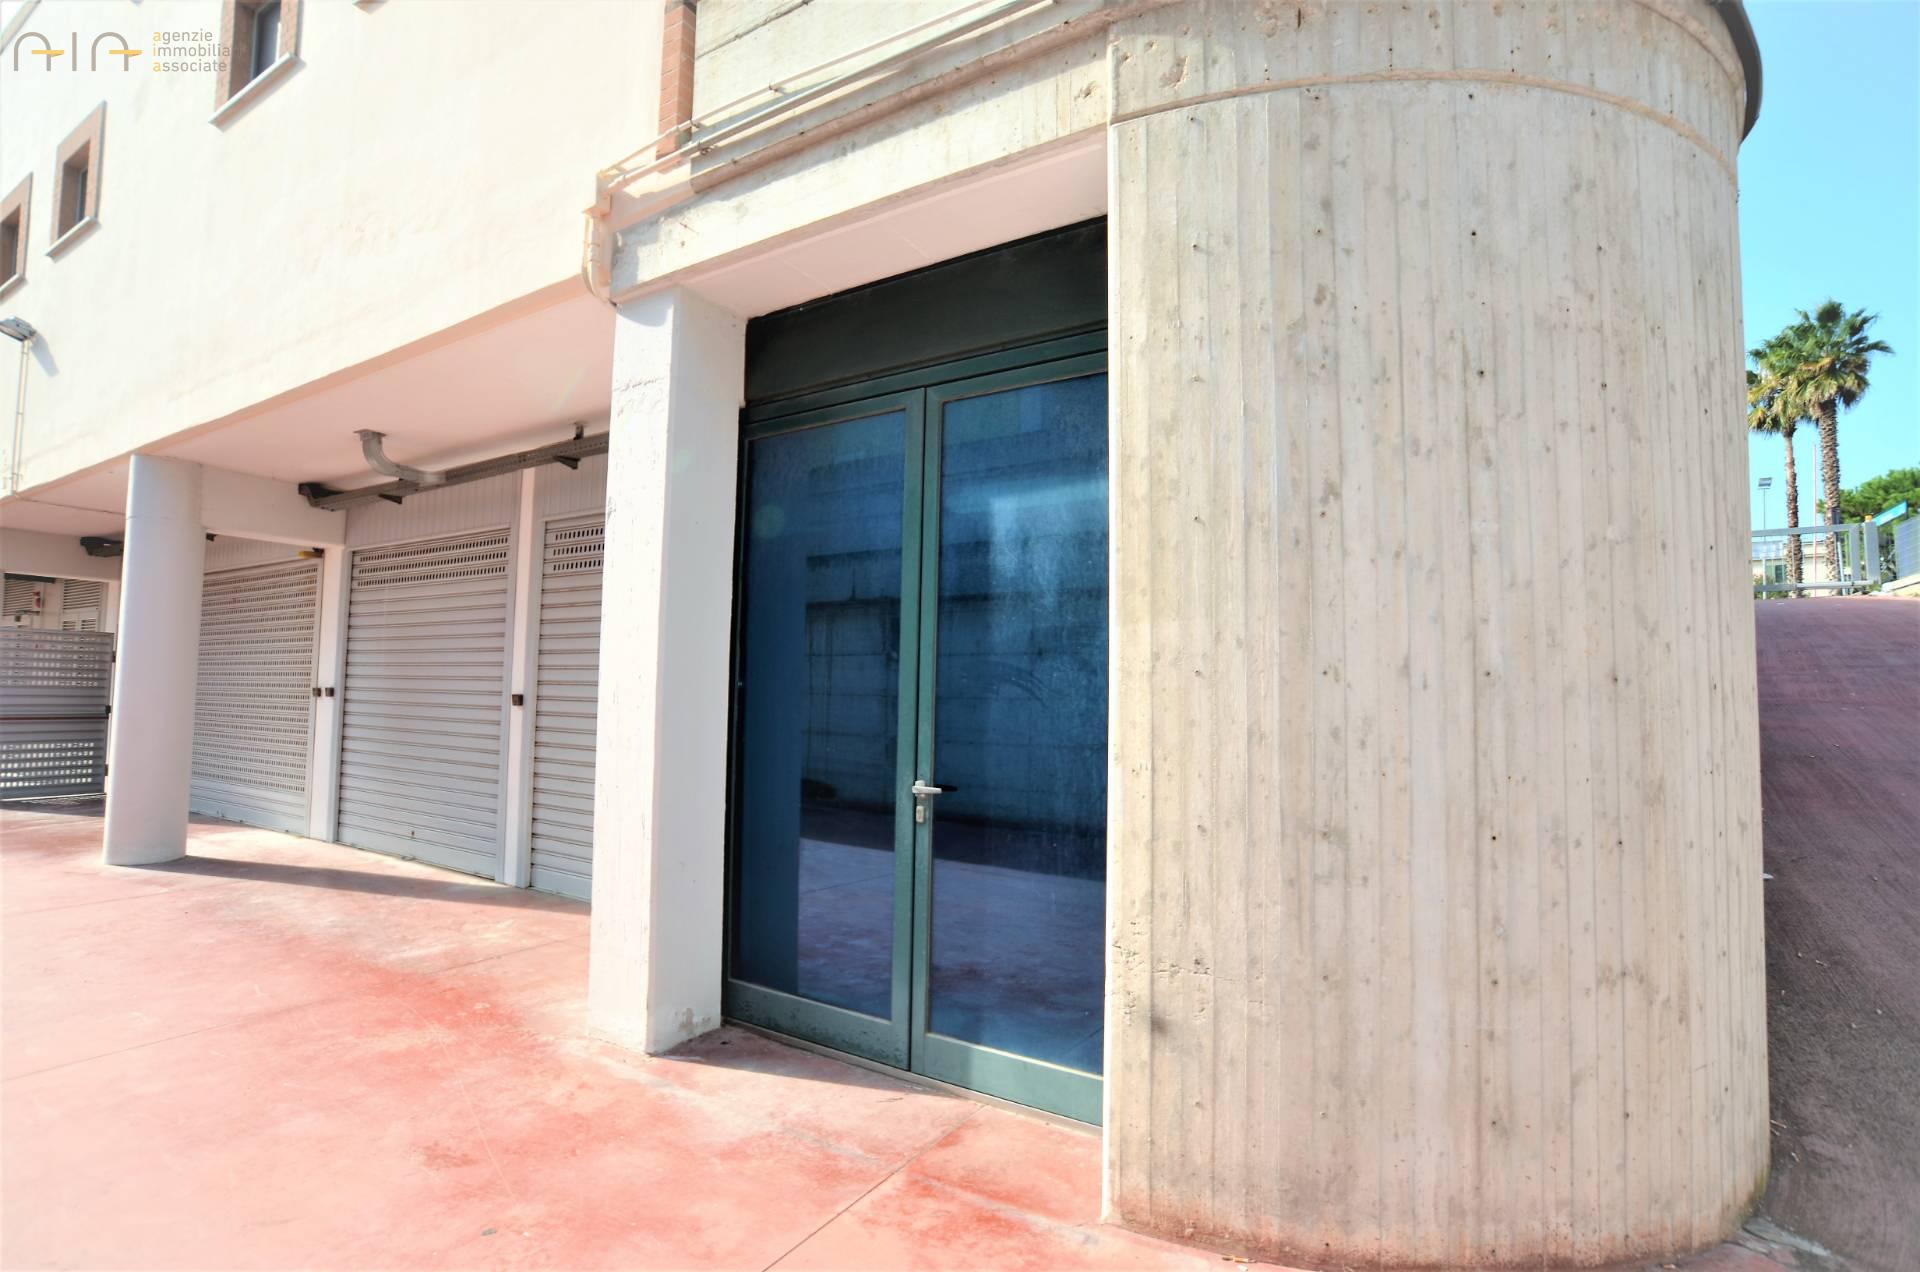 Box / Garage in vendita a San Benedetto del Tronto, 1 locali, zona Località: ResidenzialeSud(aldisopradellass16, prezzo € 74.000 | CambioCasa.it